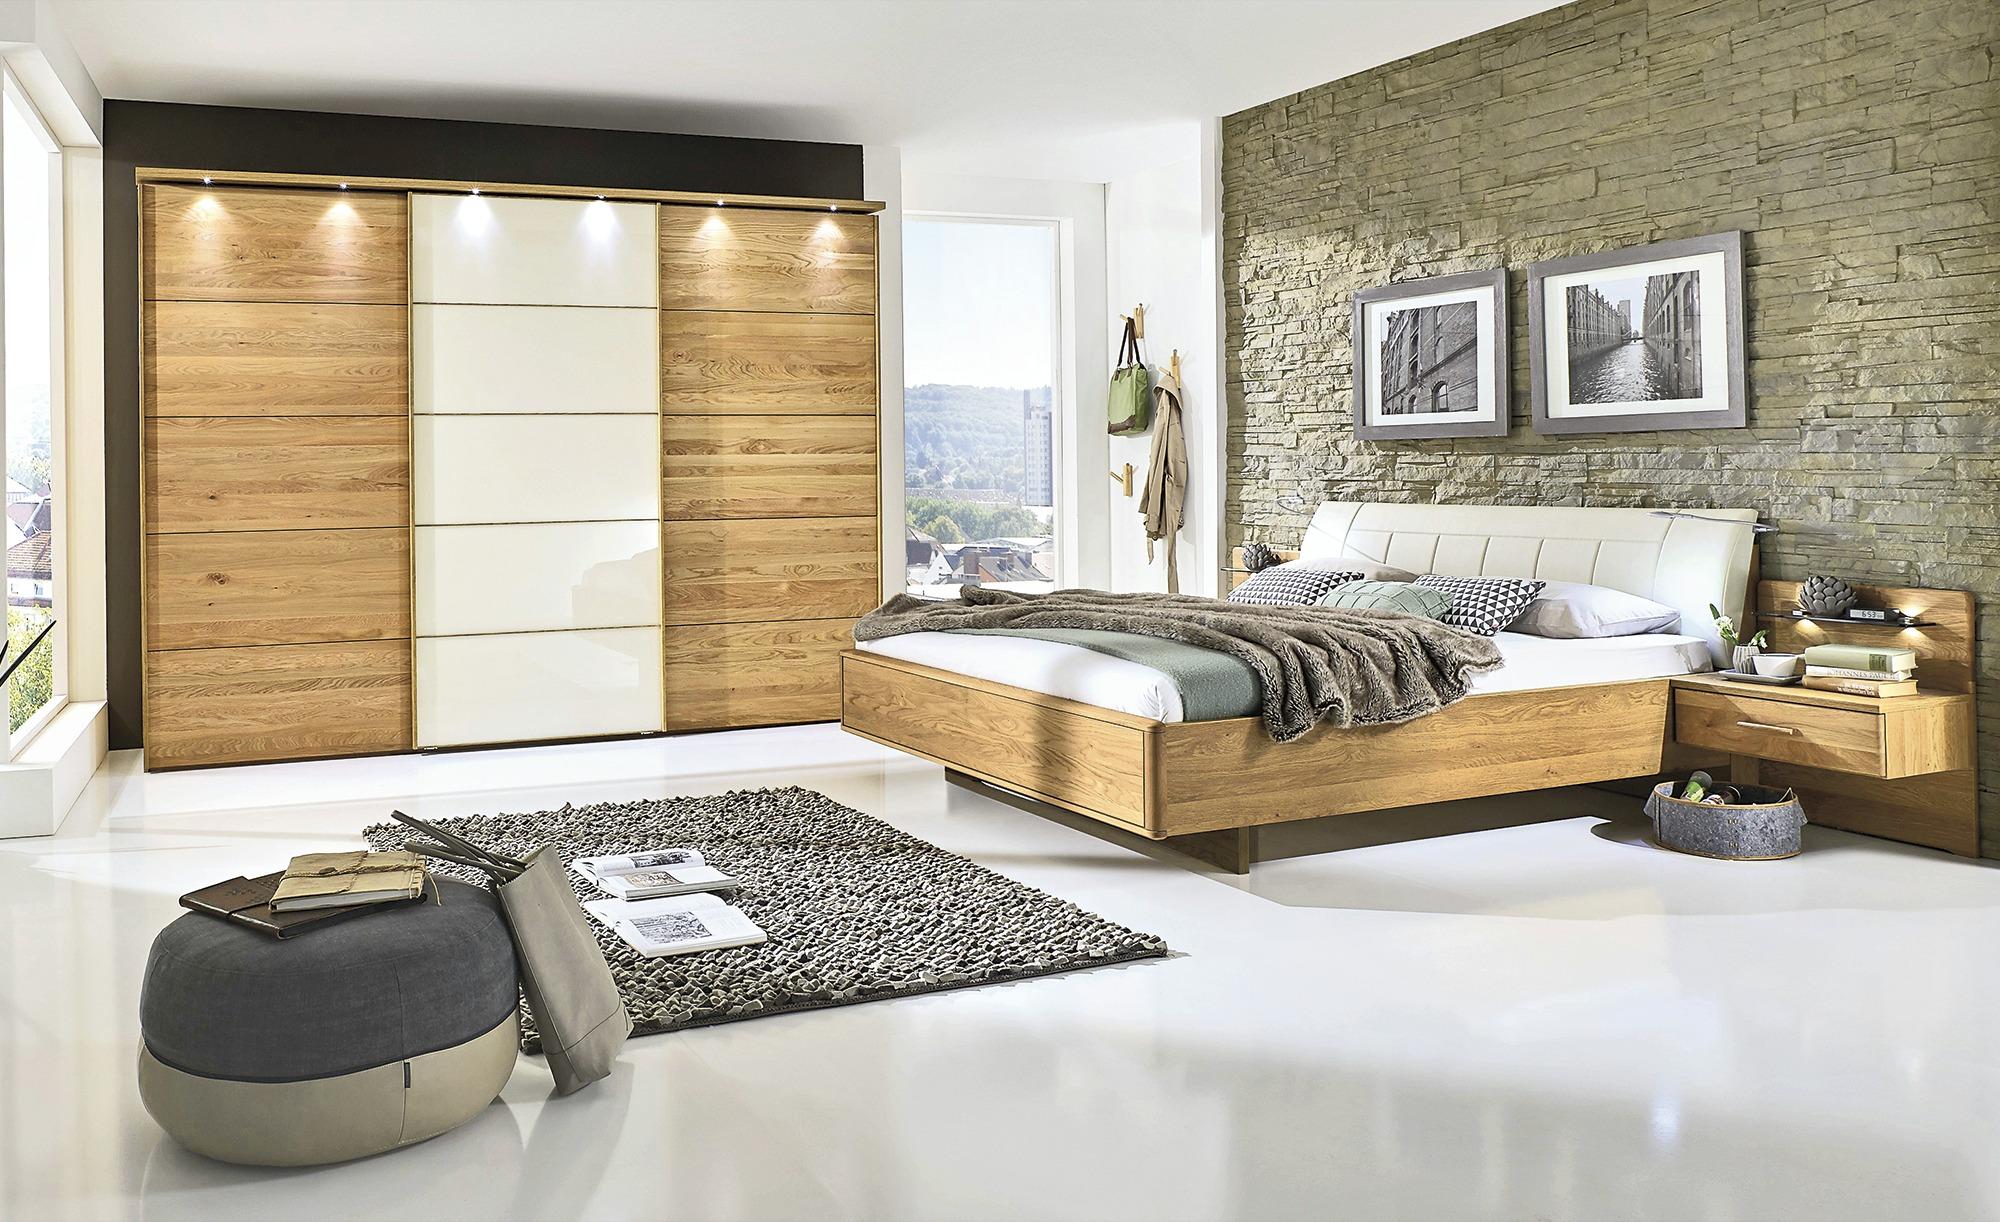 Woodford Schwebeturenschrank Kyran Gefunden Bei Mobel Hoffner In 2020 Schlafzimmer Schlafzimmer Set Komplettes Schlafzimmer